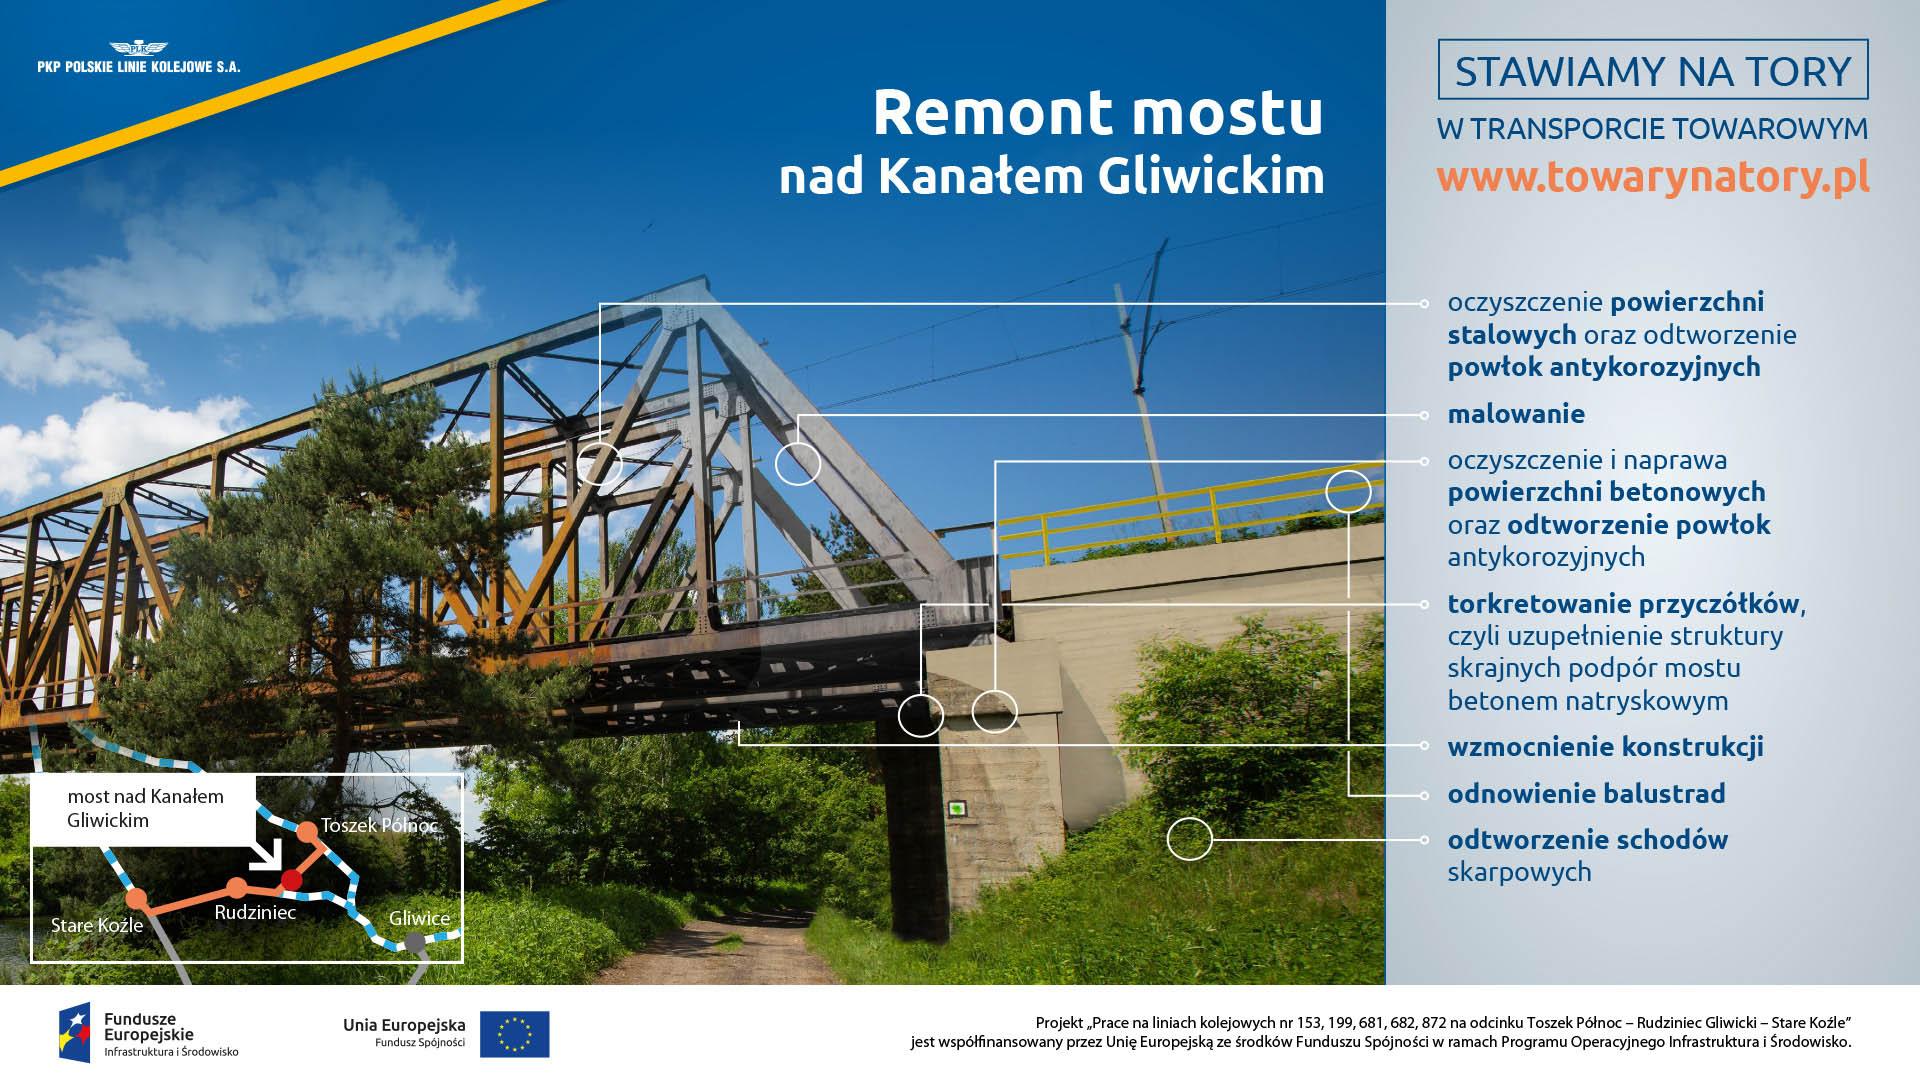 Infografika mówi o etapach remontu mostu nad Kanałem Gliwickim. Prace które będą wykonywane to: oczyszczenie powierzani stalowych, malowanie, oczyszczenie i naprawa powierzchni betonowych, torkretowanie przyczółków, wzmocnienie konstrukcji, odnowienie balustrad, odtworzenie schodów.